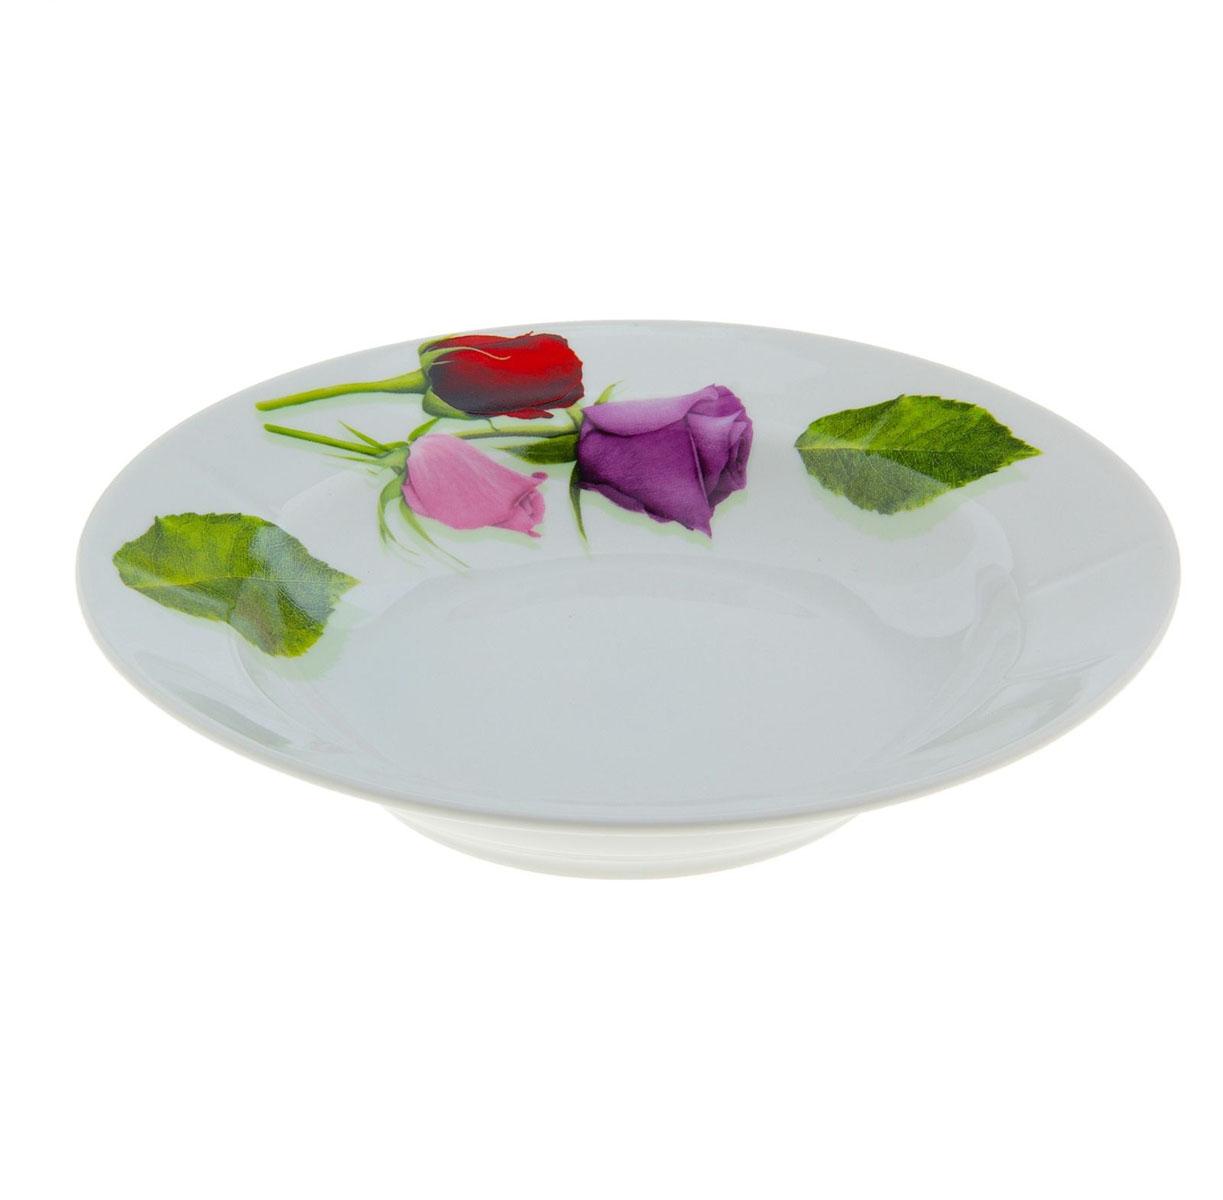 """Глубокая тарелка """"Идиллия. Королева цветов"""" выполнена из высококачественного фарфора и украшена ярким рисунком цветов. Она прекрасно впишется в интерьер вашей кухни и станет достойным дополнением к кухонному инвентарю.  Тарелка """"Идиллия. Королева цветов"""" подчеркнет прекрасный вкус хозяйки и станет отличным подарком.   Диаметр тарелки: 20 см."""